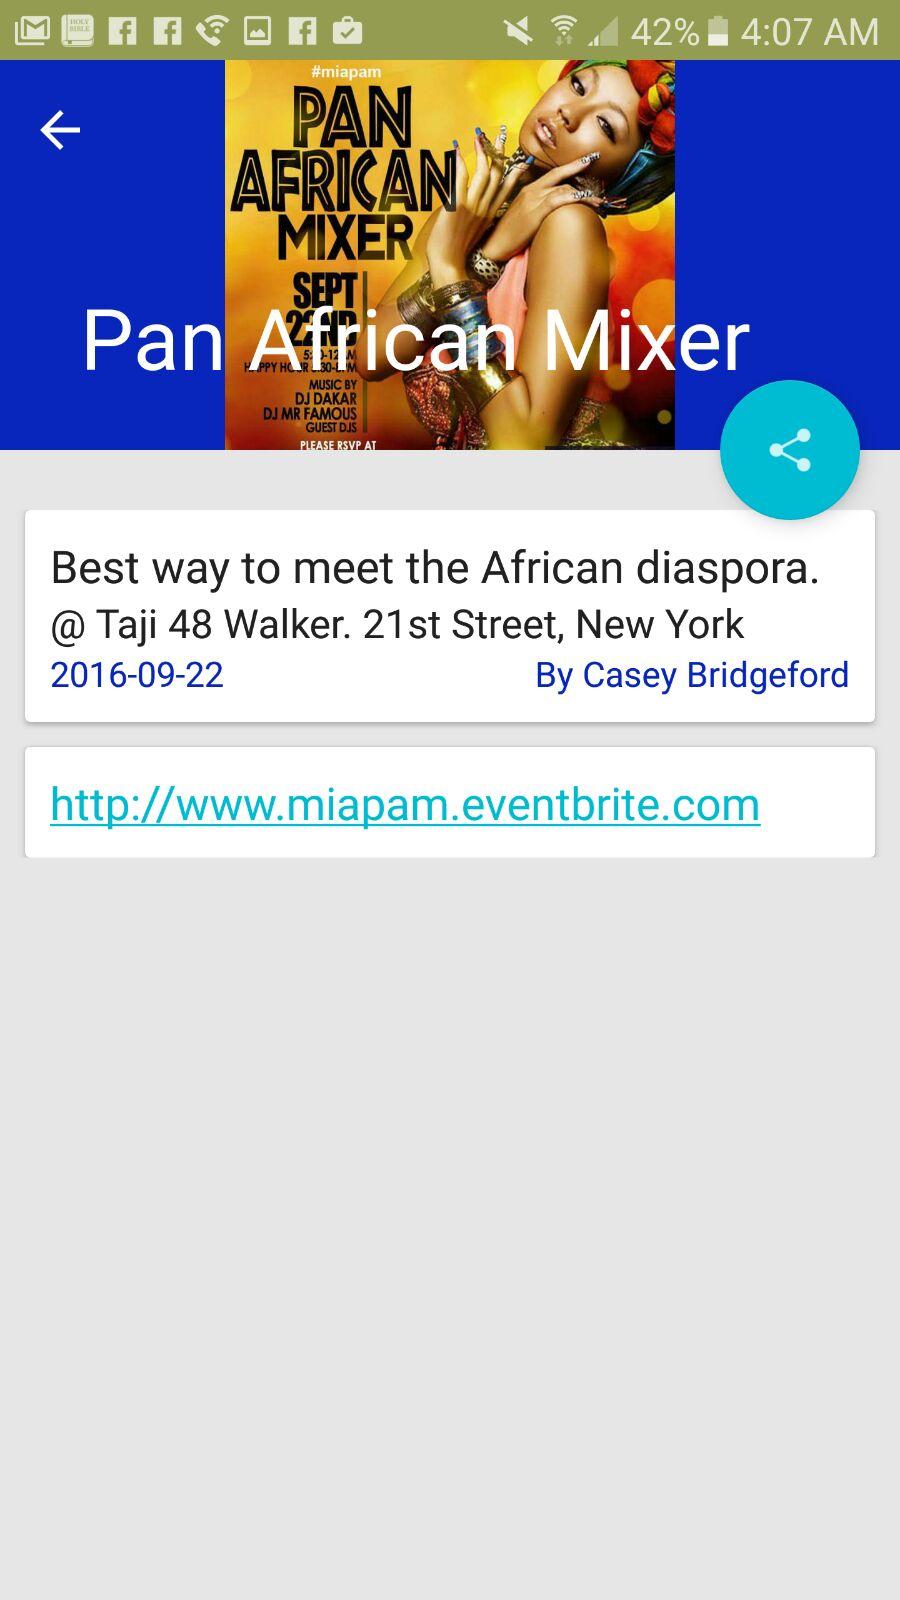 WhatsApp Image 2016-09-21 at 11.19.56 AM (2).jpeg